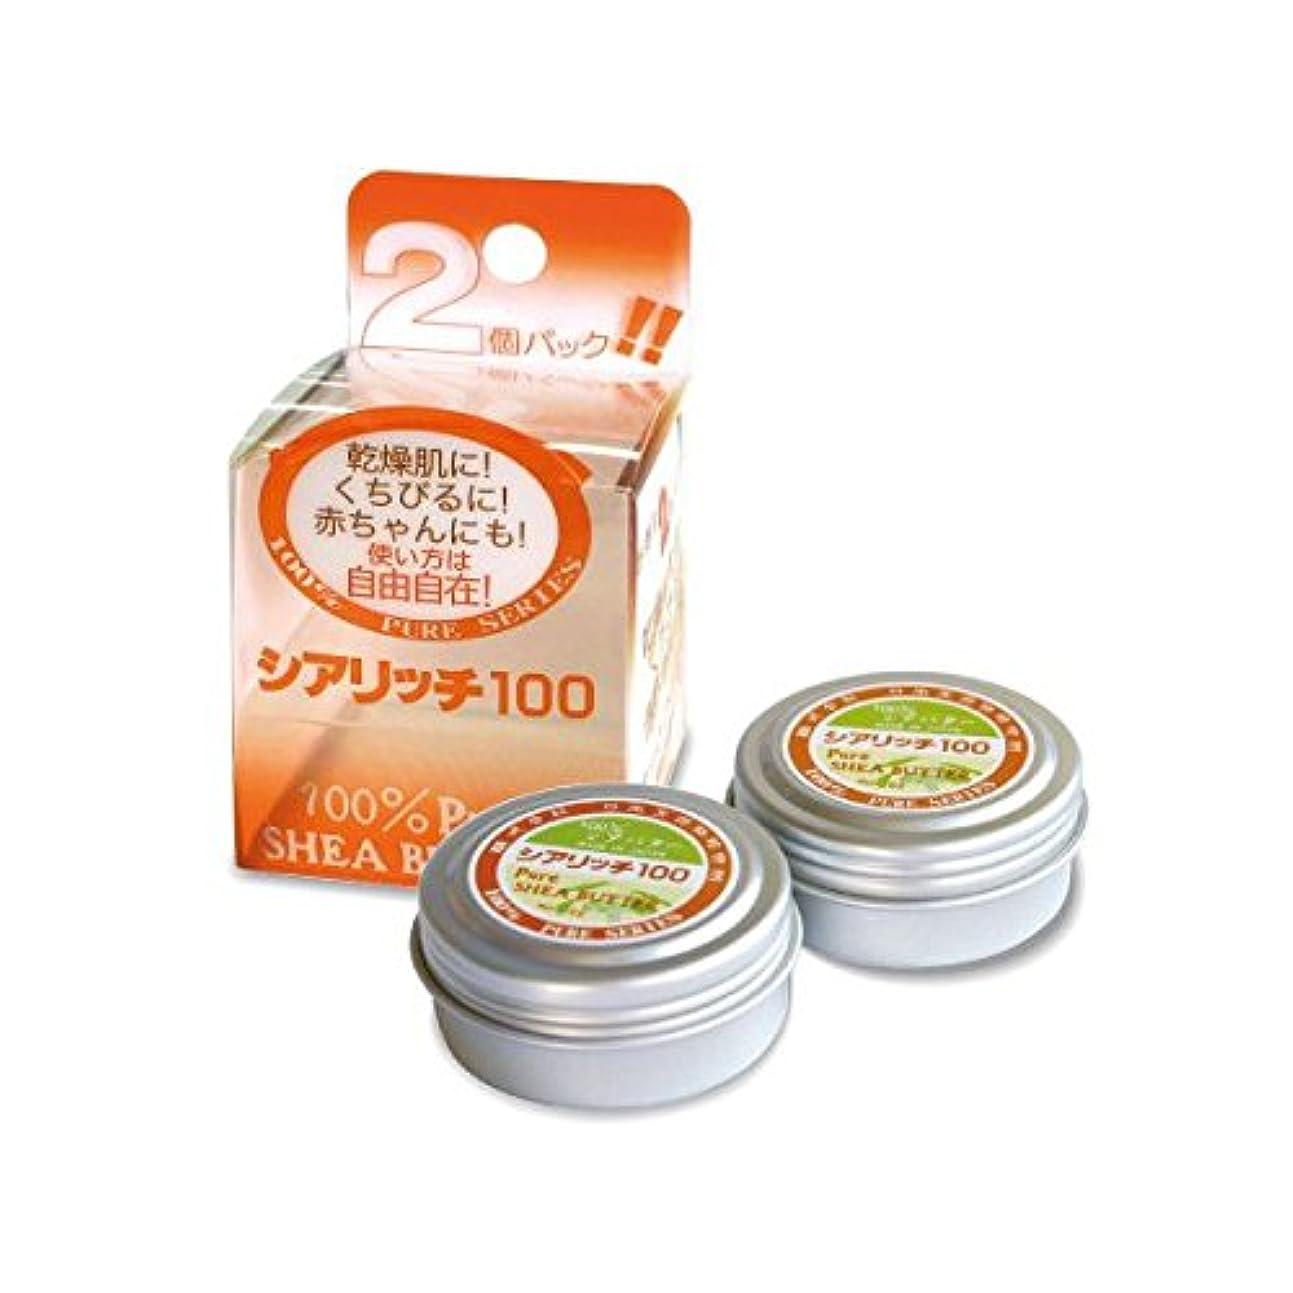 垂直パイプ建物日本天然物研究所 シアリッチ100 (8g×2個入り)【単品】(無添加100%シアバター)無香料